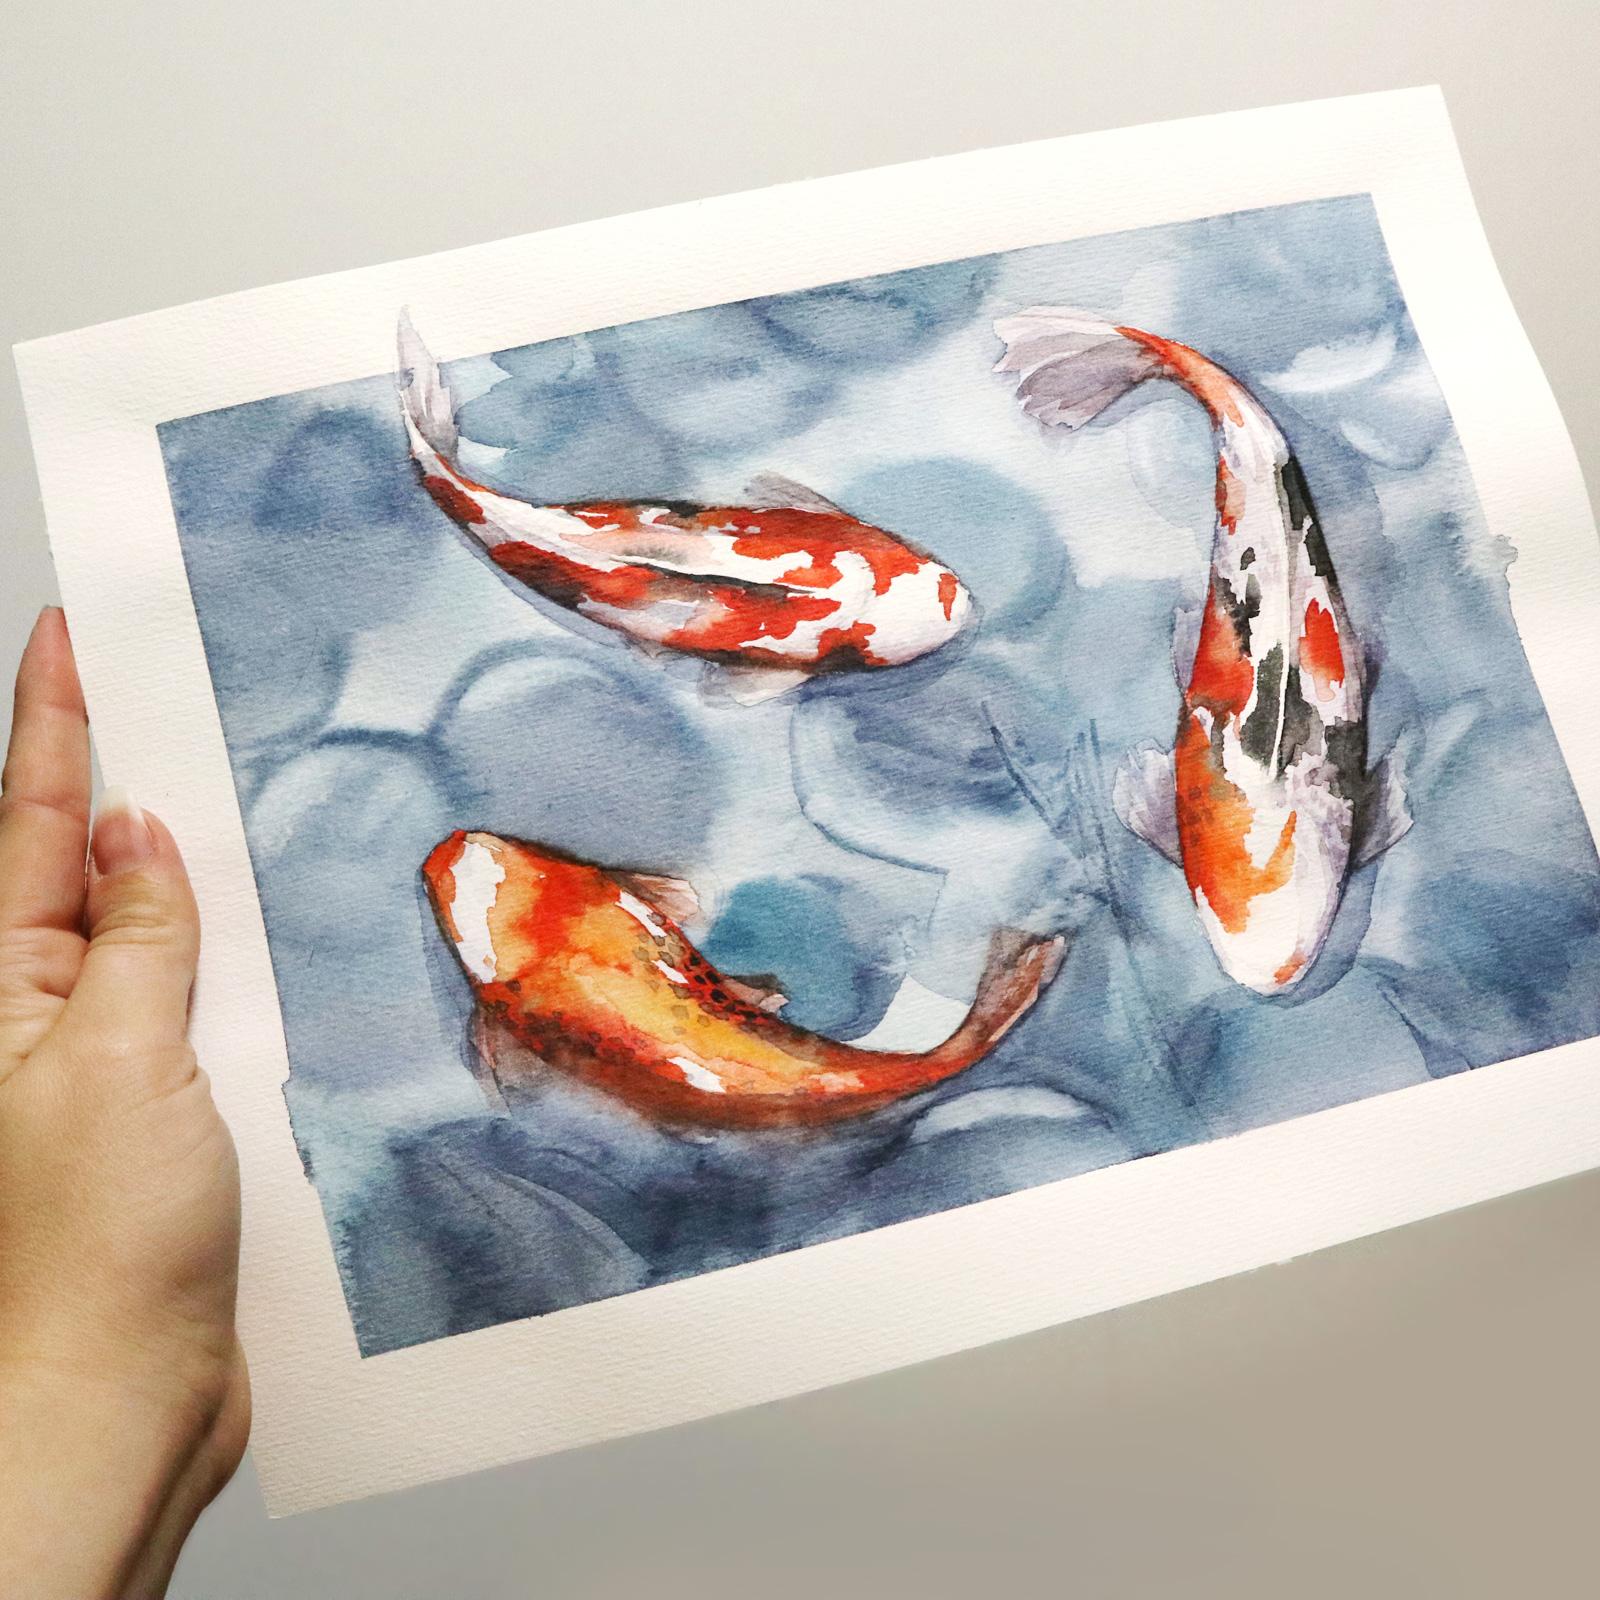 Koi-Karpfen Illustration nach dem Videotutorial von Maria Smirnova auf ArtHustle.org